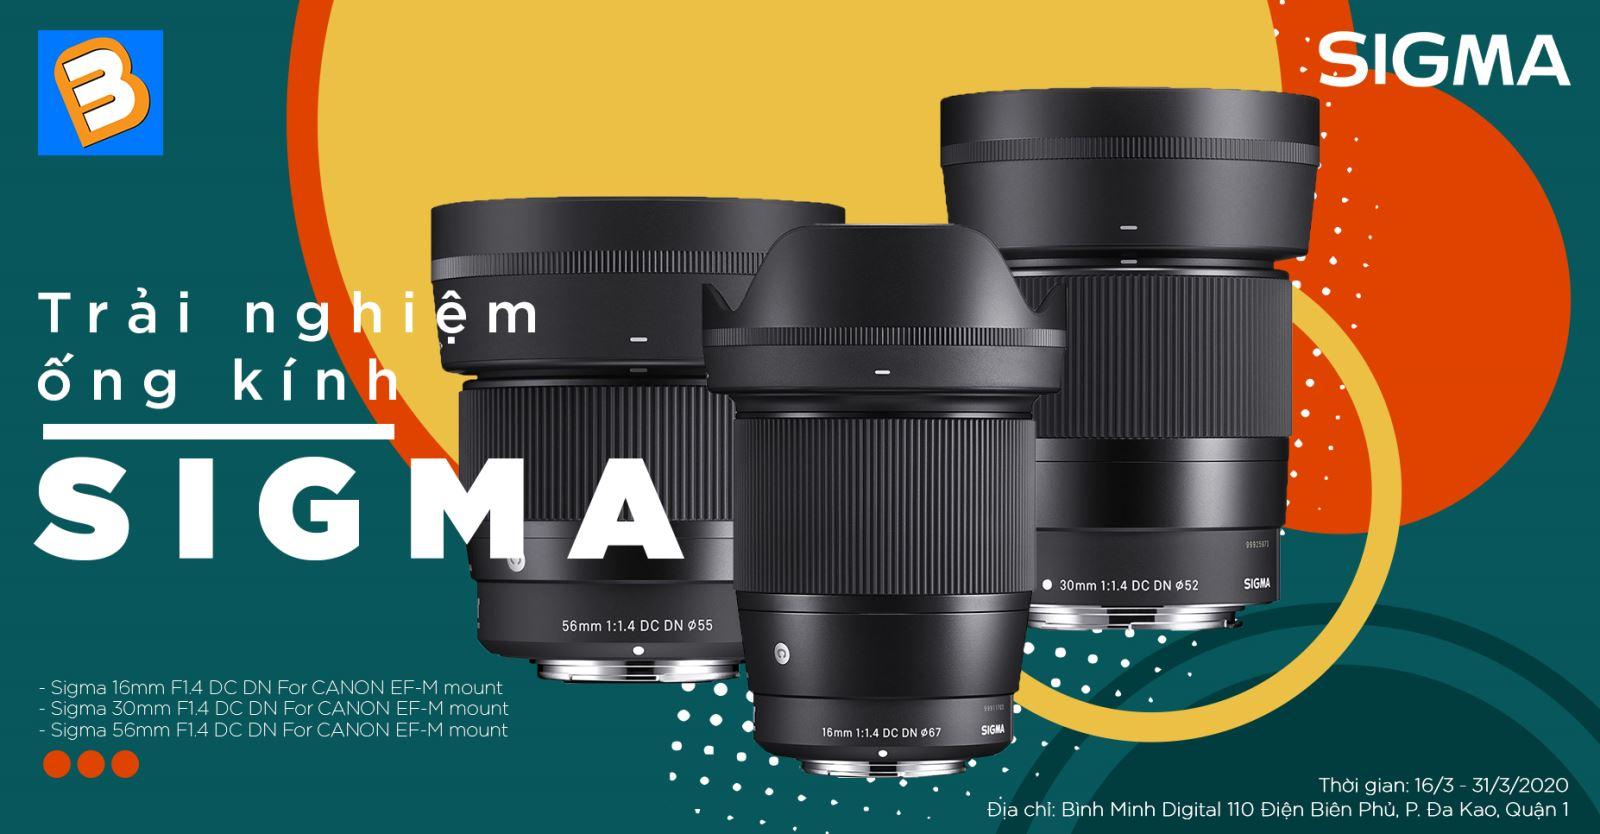 Thỏa khát khao trải nghiệm bộ ba ống kính Sigma cực chất cùng Binhminhdigital 2020 trai nghiem ong kinh sigma